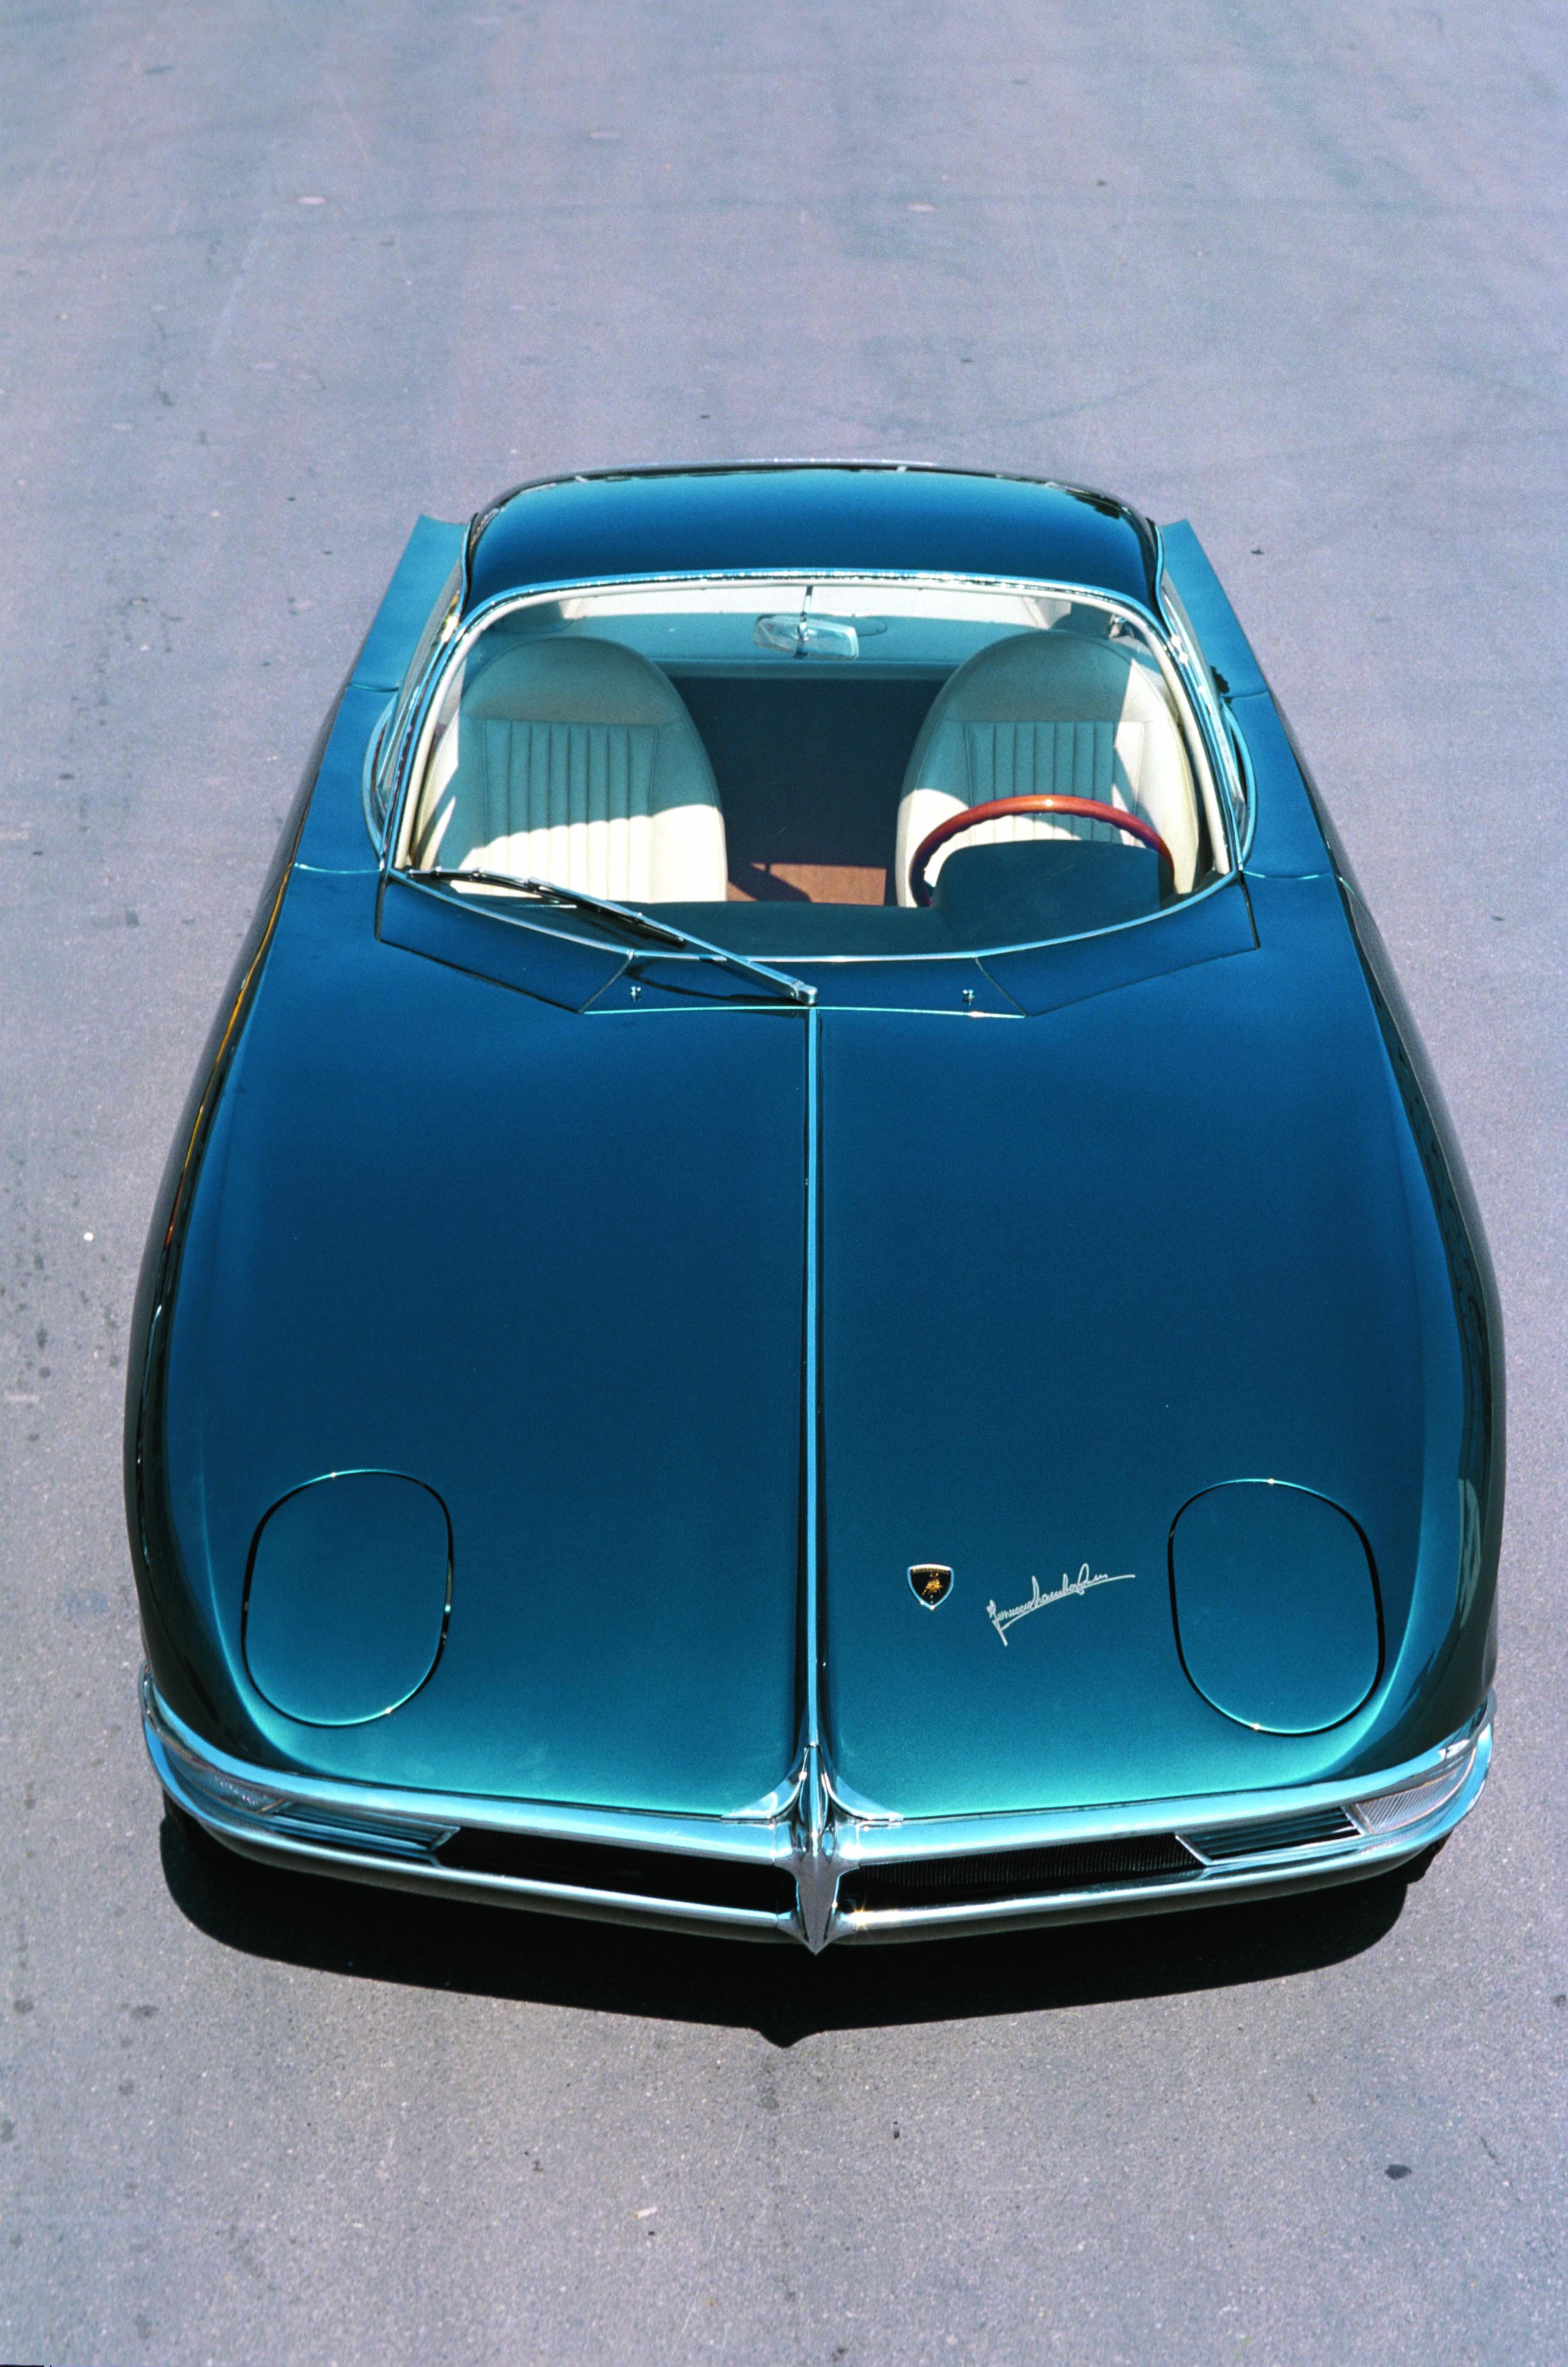 Blue silicones Pantalon T Piece 45 mm 4 Ply 34 mm Branch Demon sport automobile